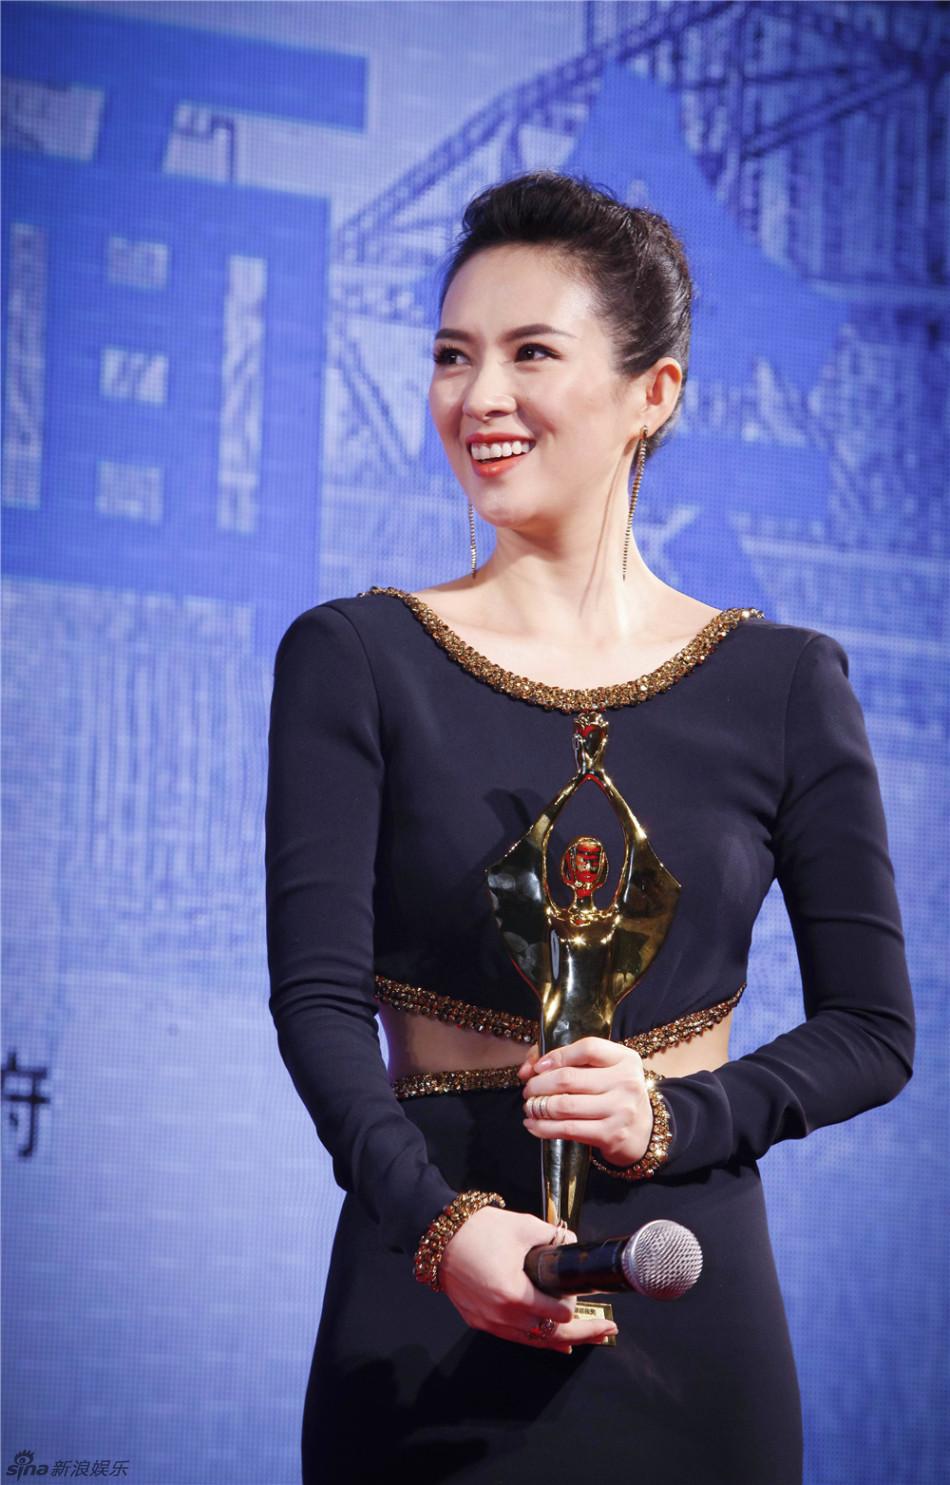 第32届大众电影百花奖举行颁奖仪式--社会--人民网